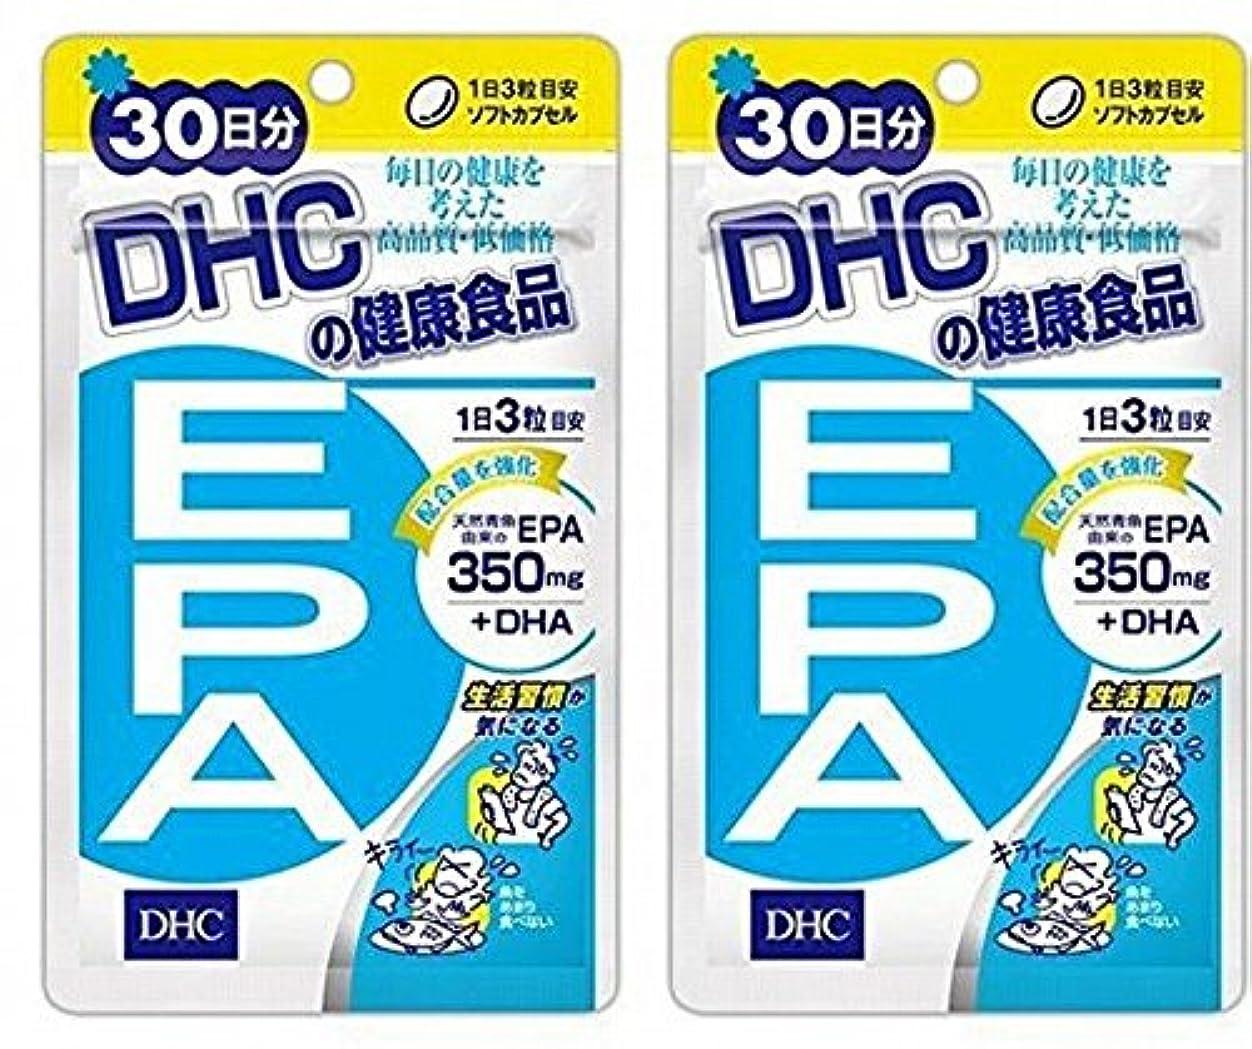 寄り添う内訳生物学DHC EPA 30日分 2袋セット